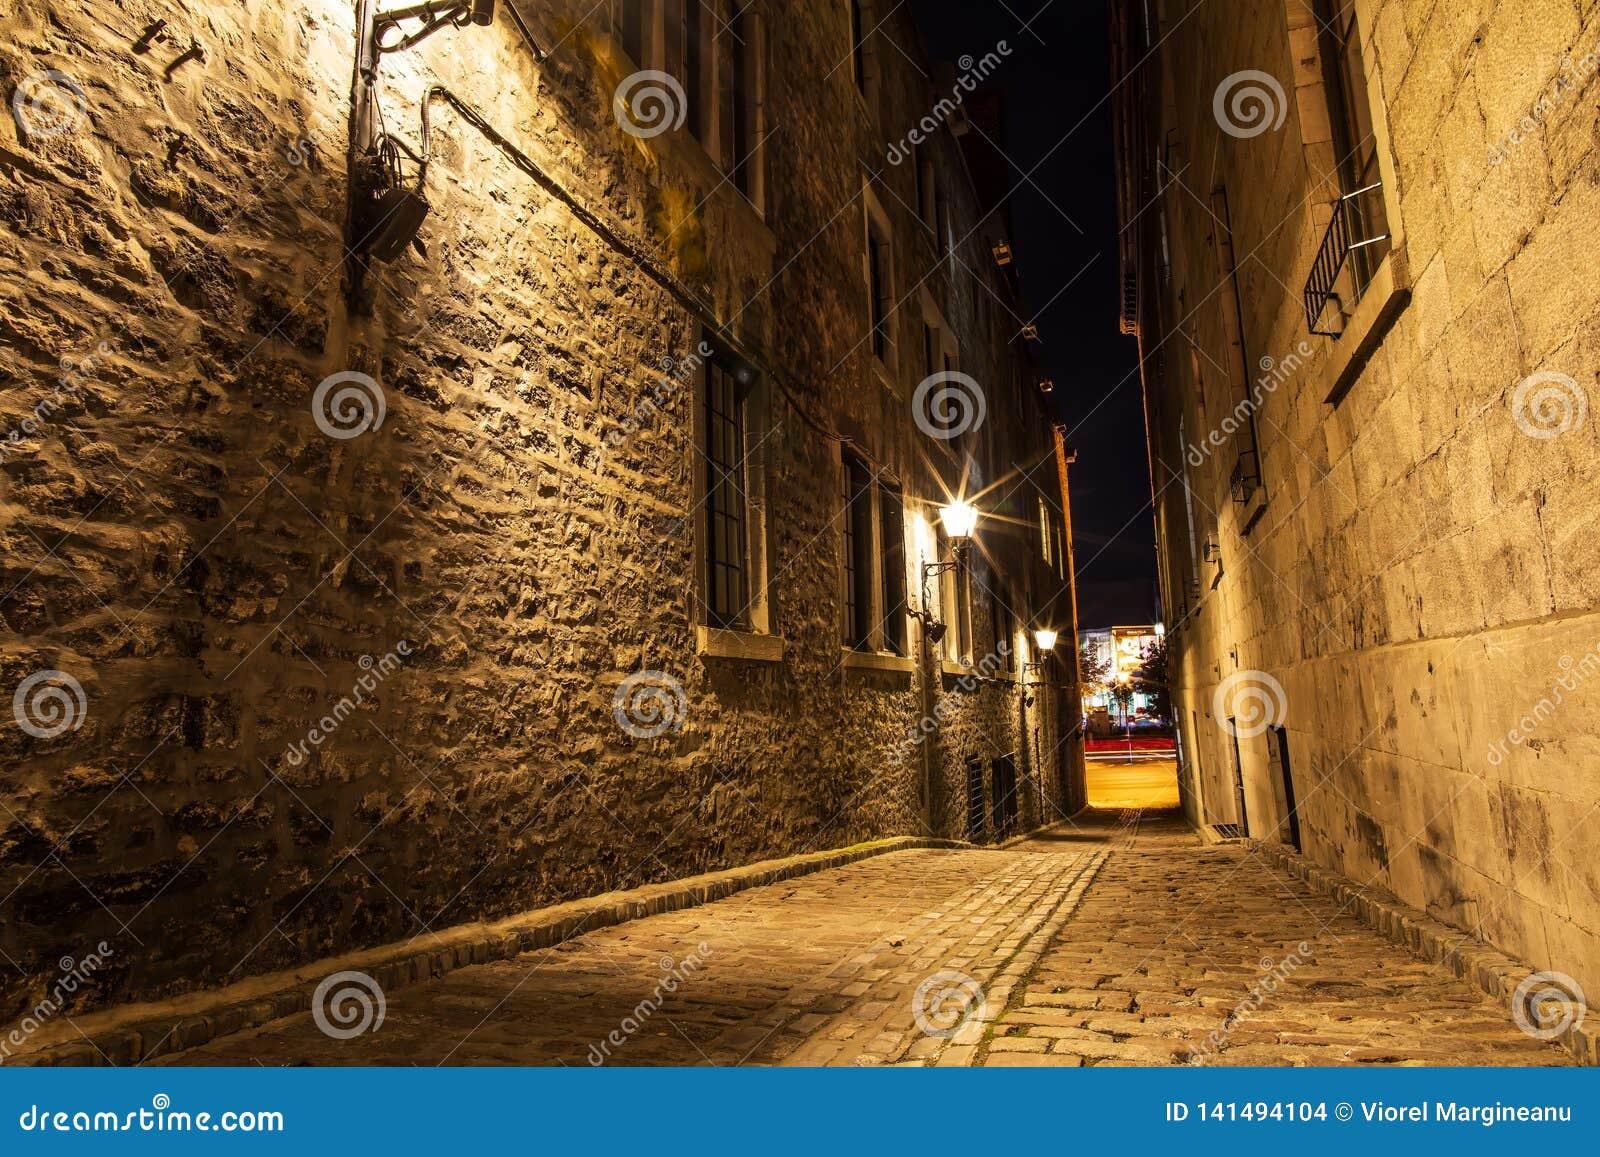 Μικρή οδός και ιστορικά κτήρια στην ιστορική περιοχή του παλαιού λιμένα από το Μόντρεαλ, άποψη νύχτας Φυσικό υπόβαθρο Καναδού